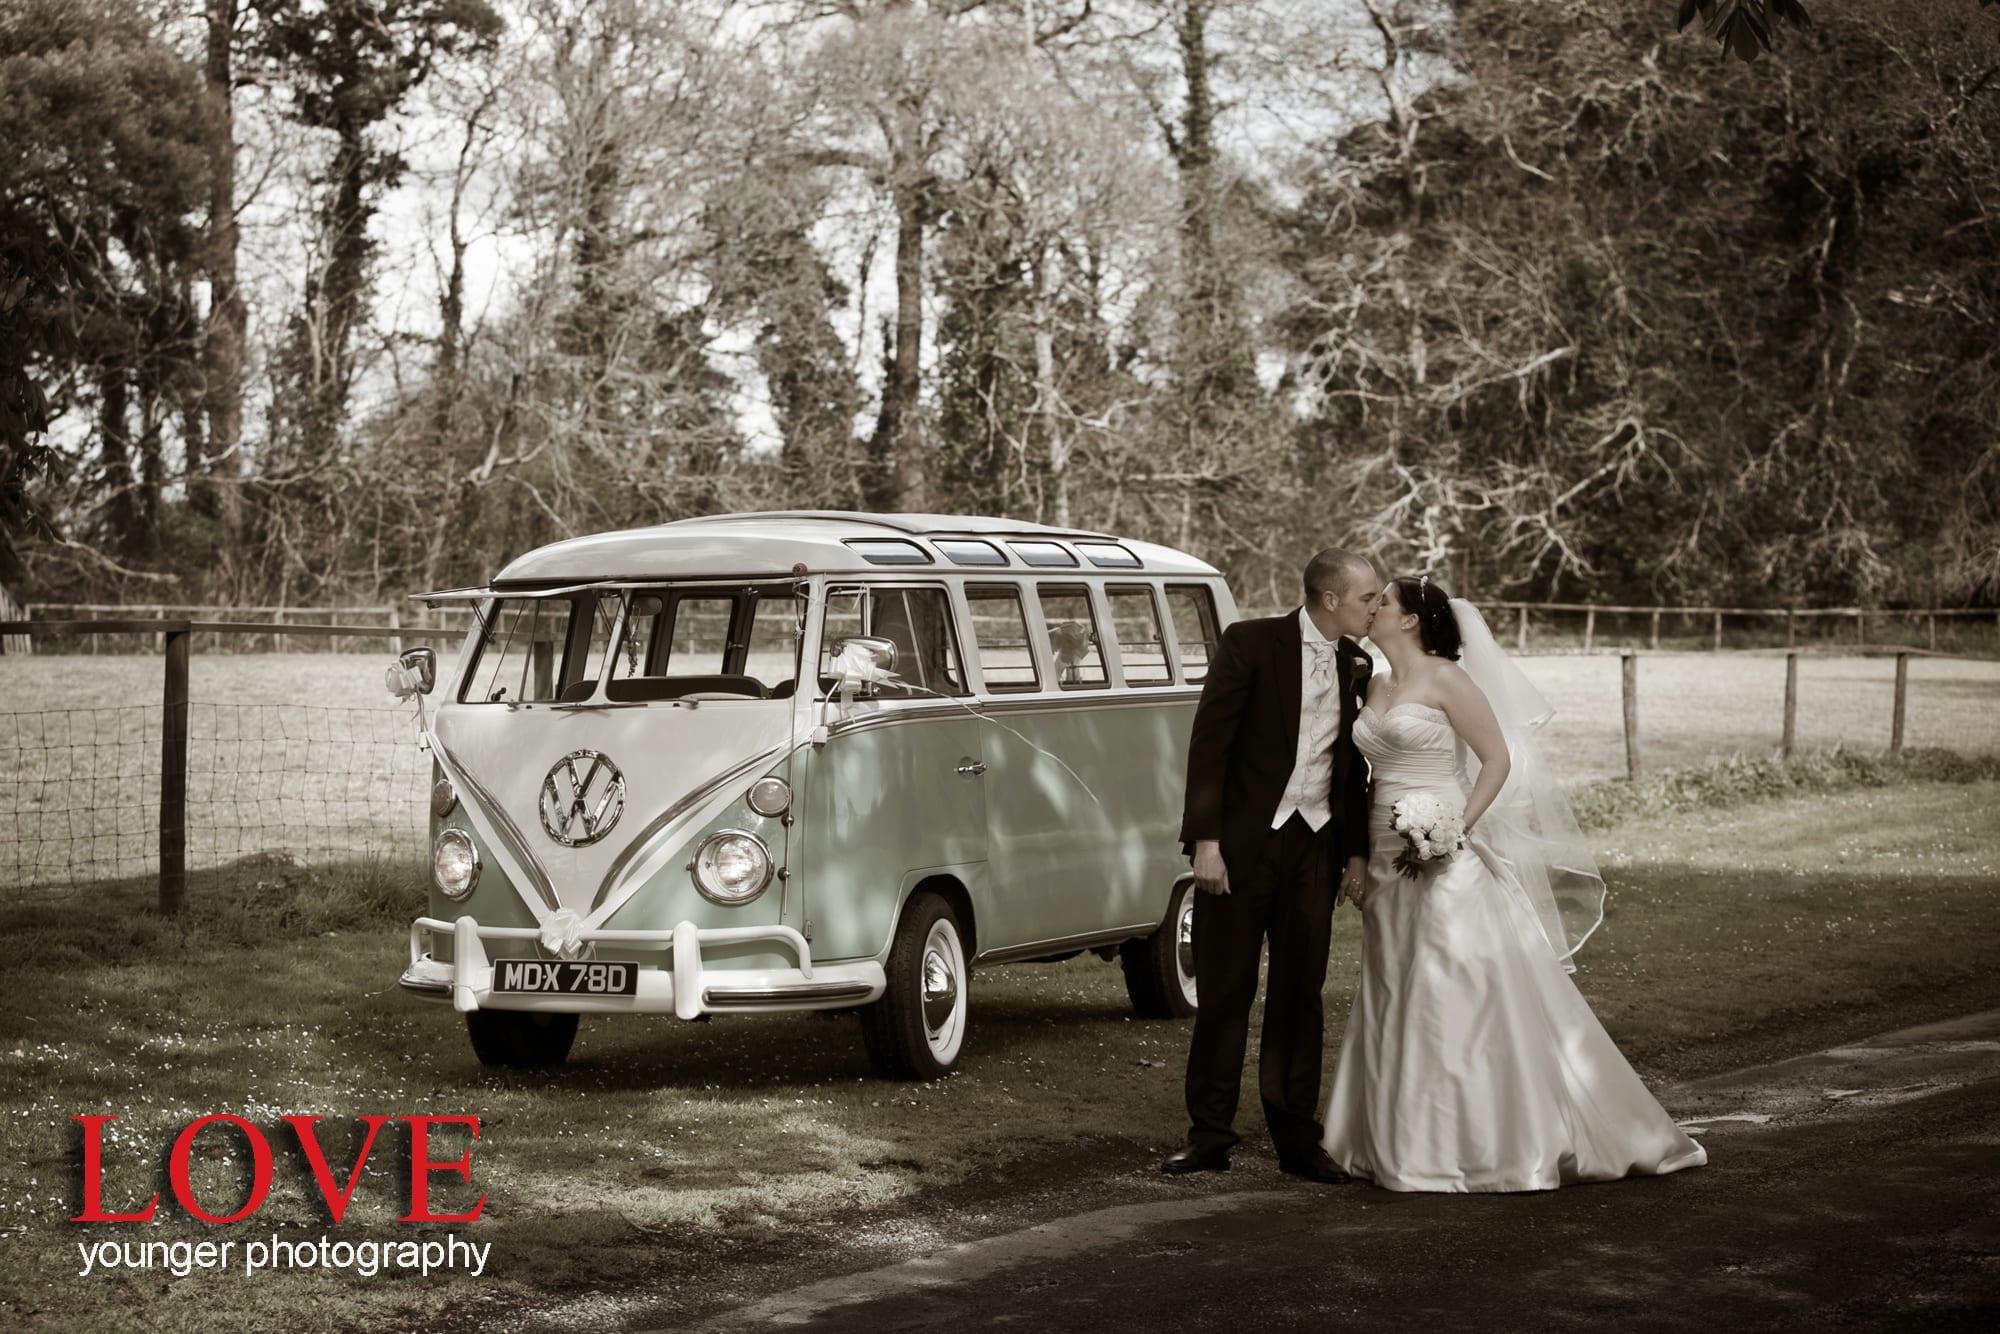 Alex & Jacqueline's Wedding at Kitley House Hotel yealmpton, Devon